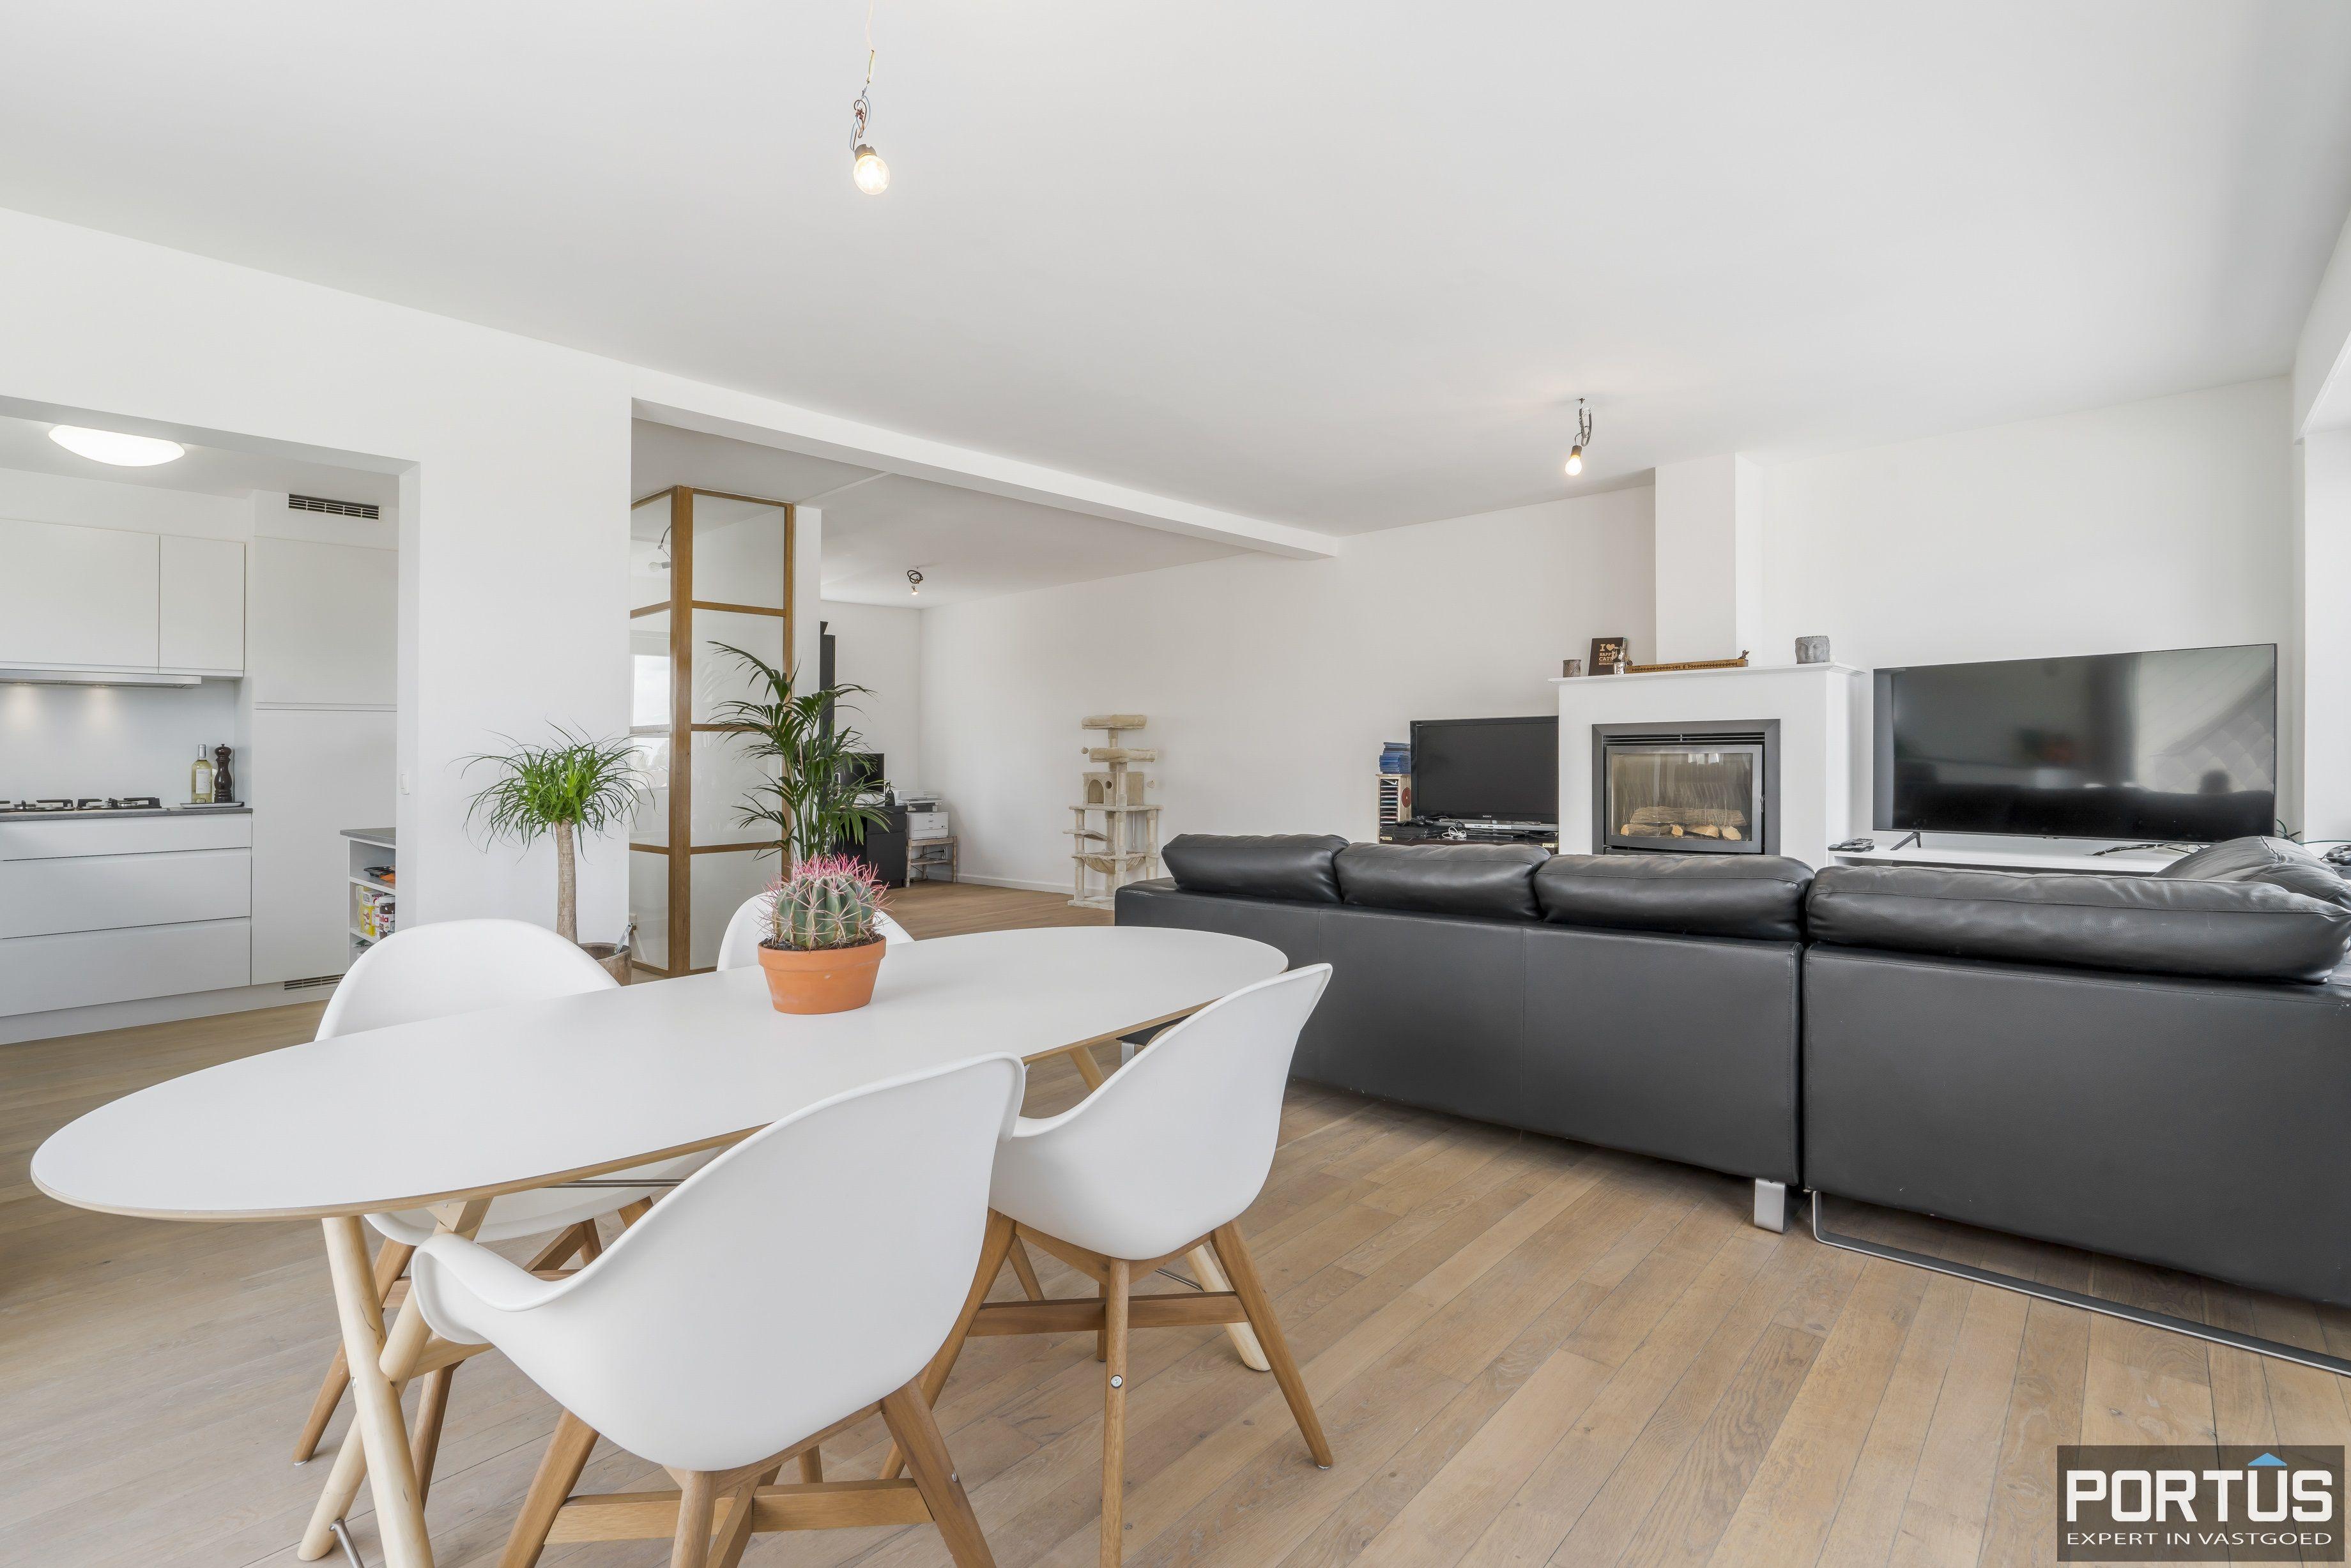 Appartement met 3 slaapkamers te koop te Westende - 13513